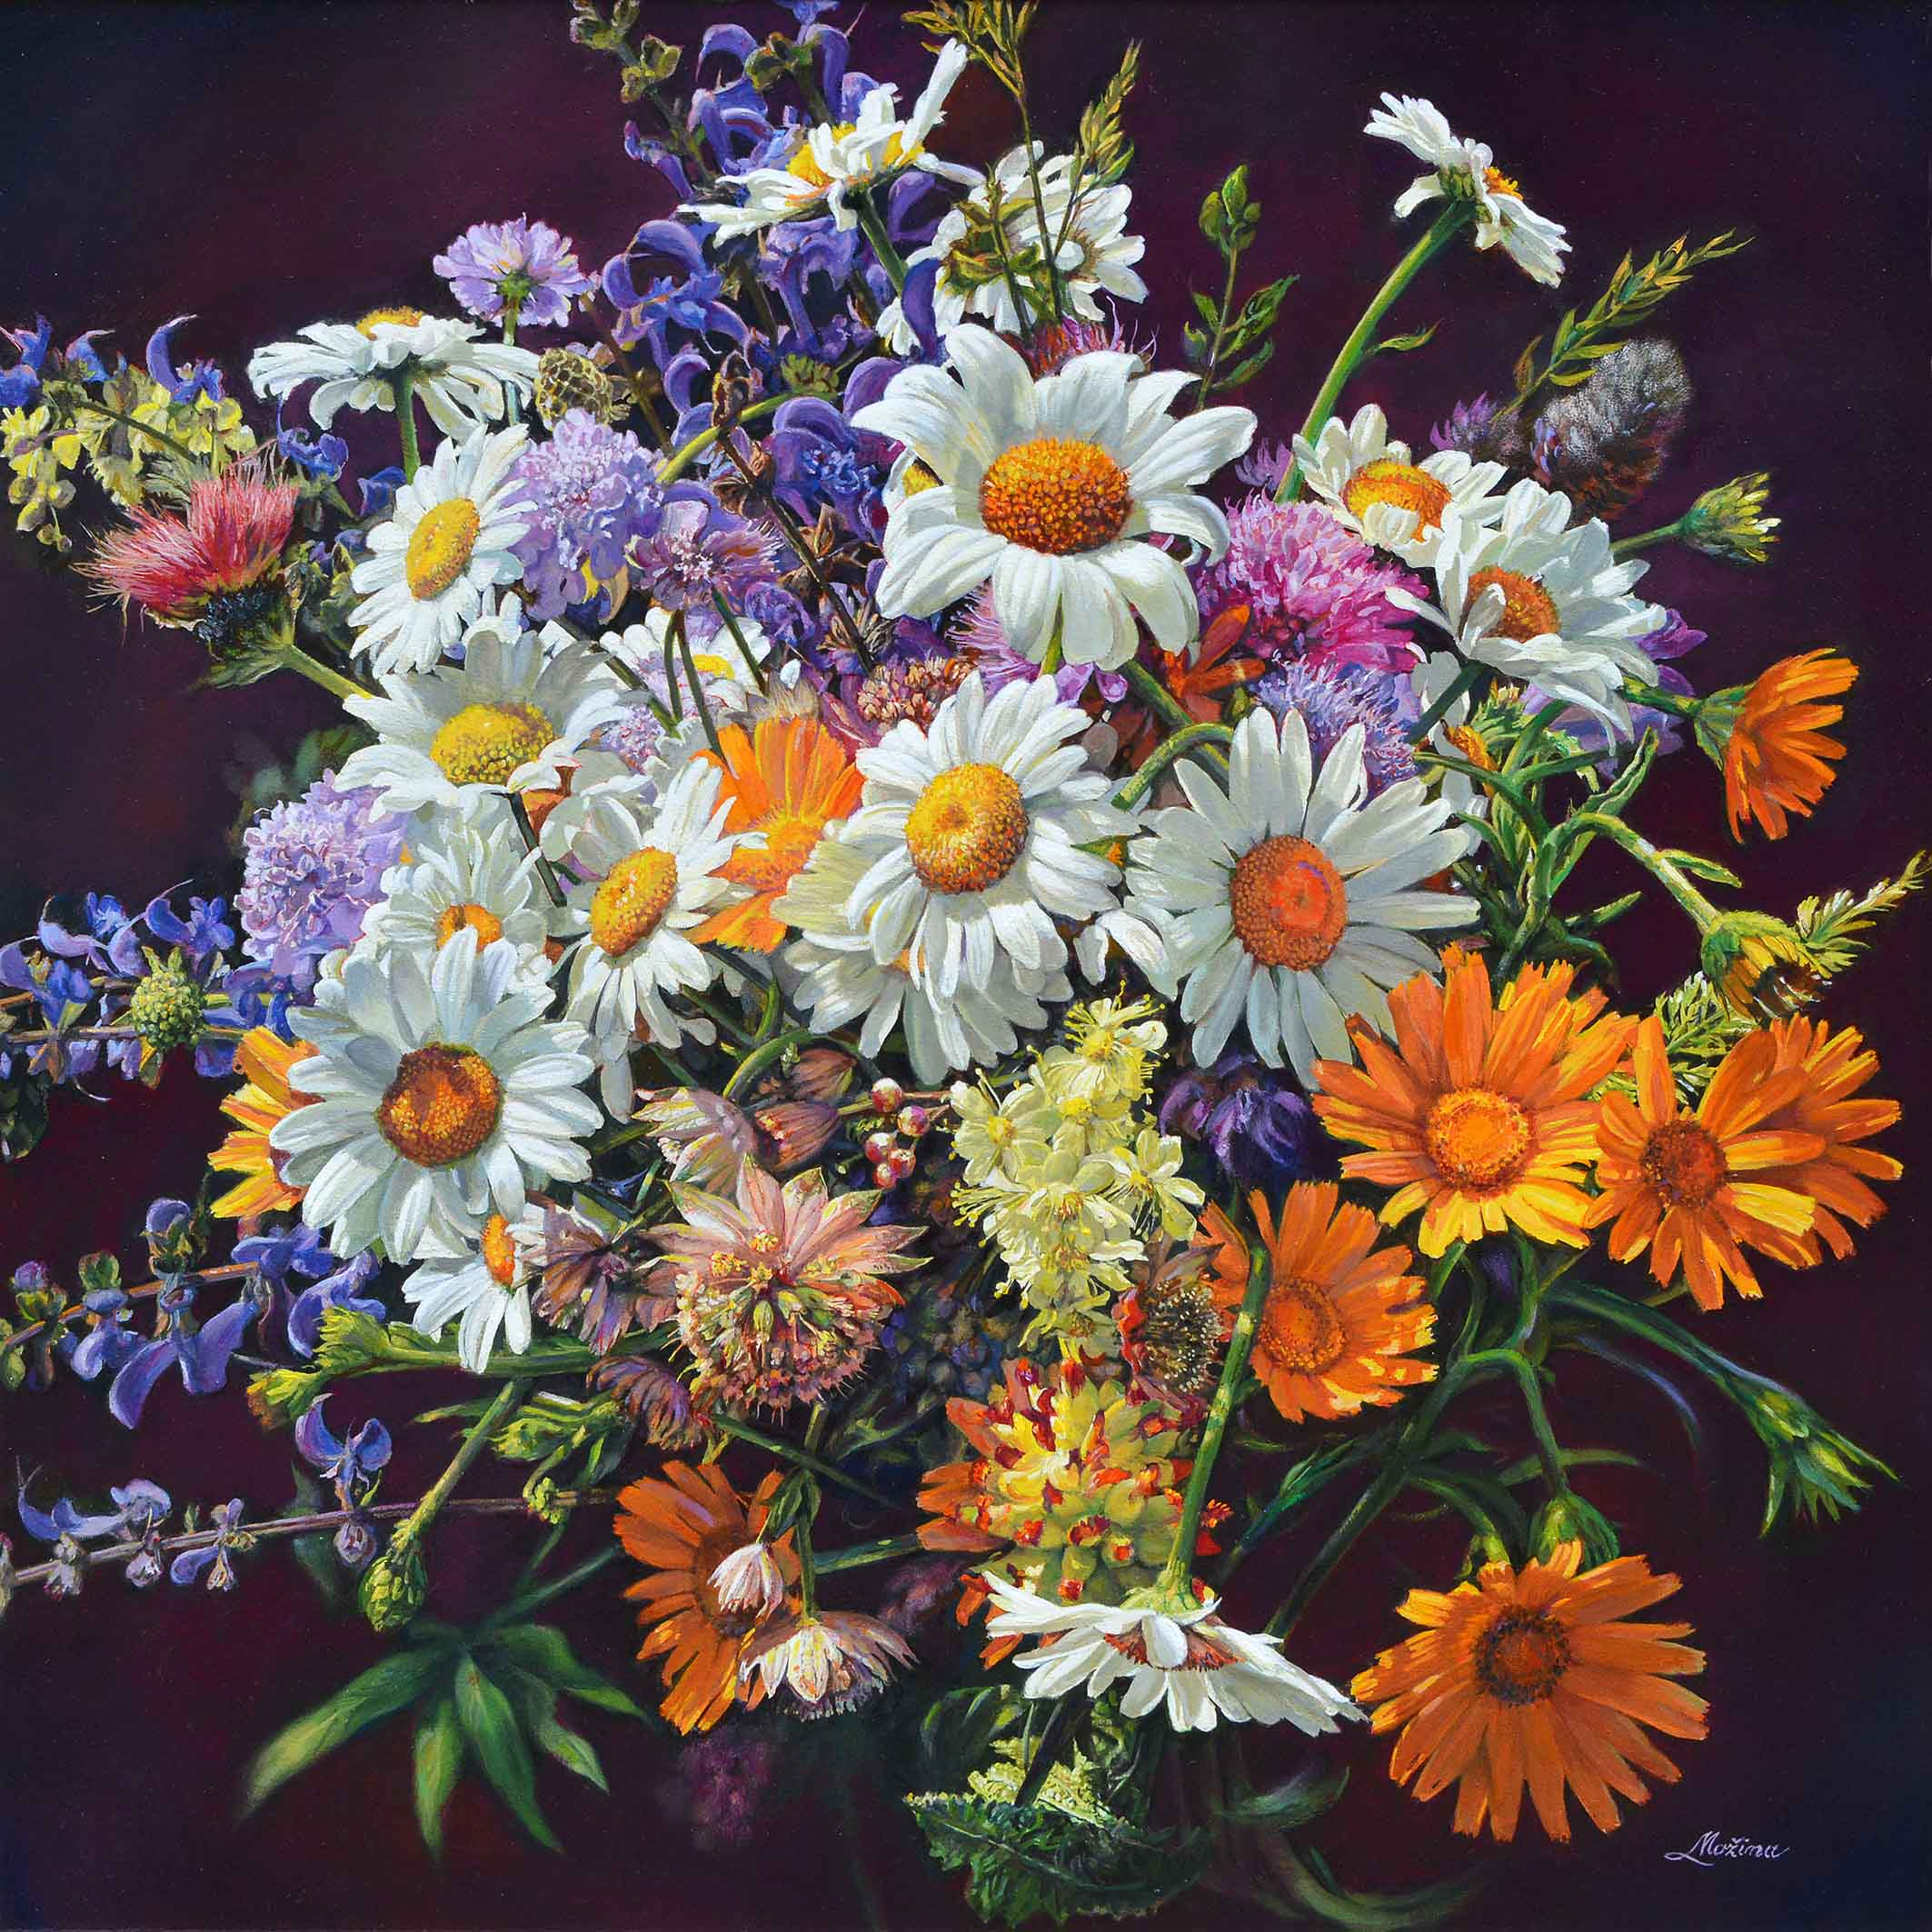 Mazzo di fiori - 50x50 cm